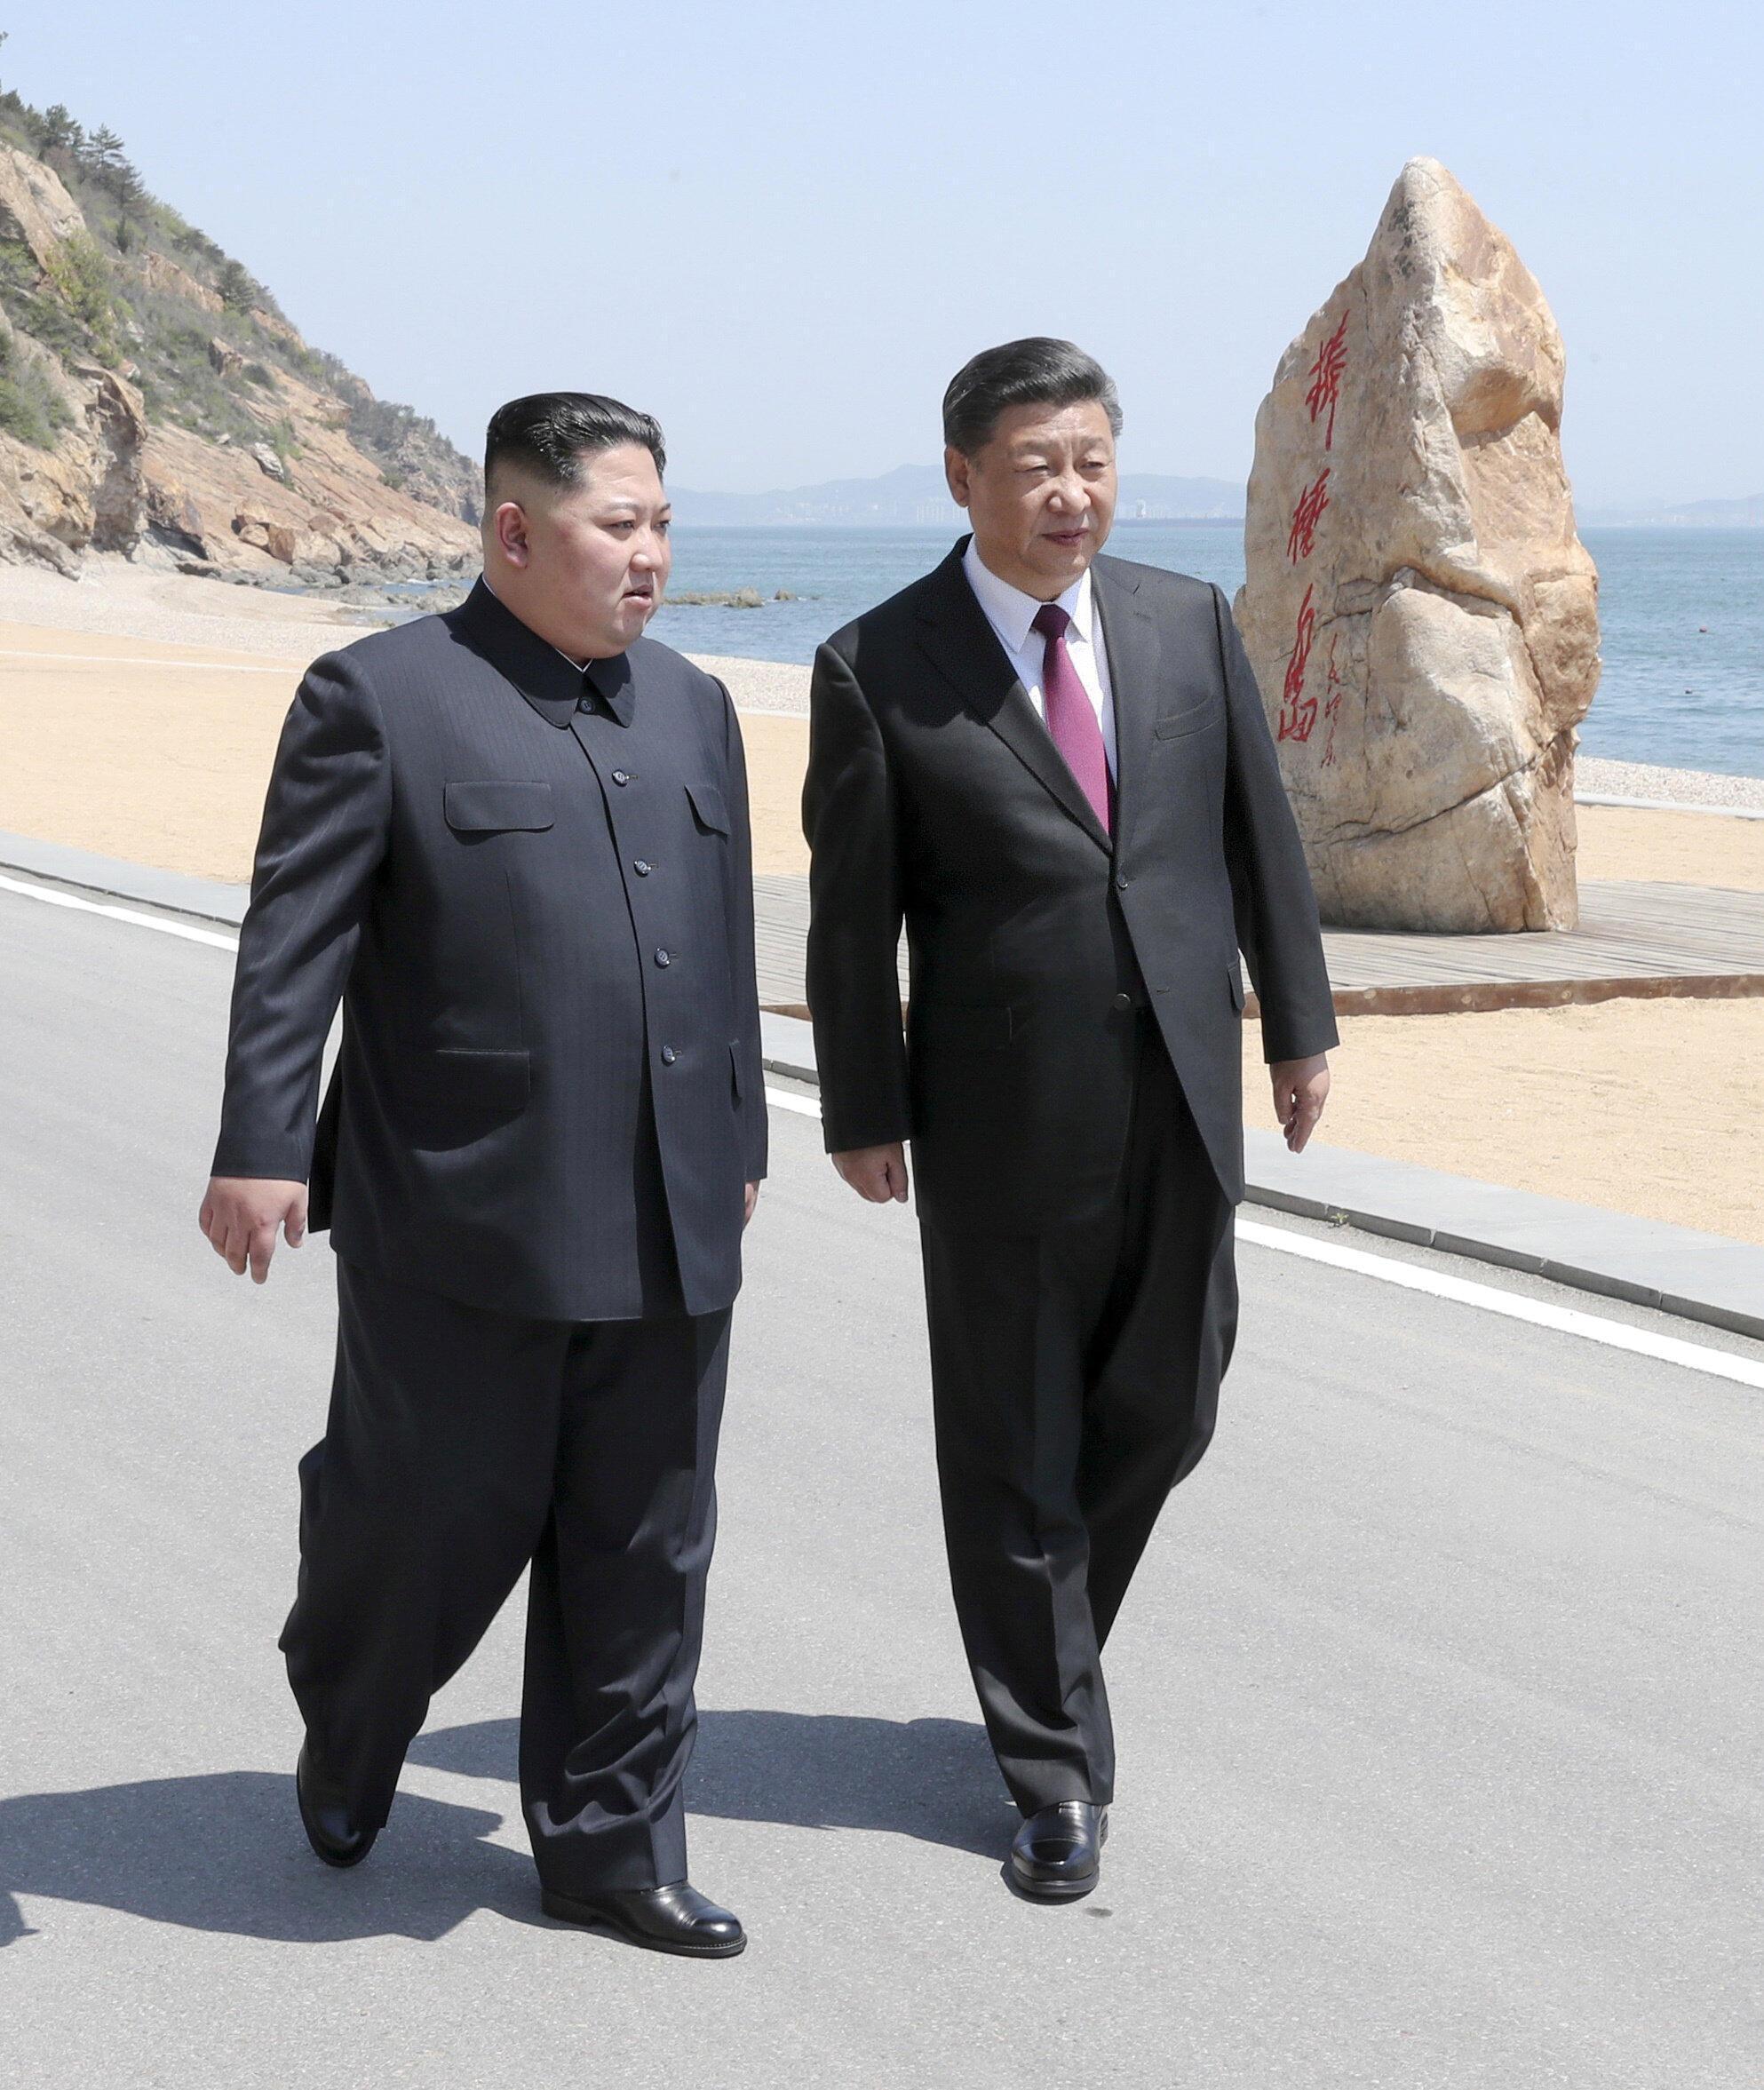 Lãnh đạo Bắc Triều Tiên Kim Jong Un (T) và chủ tịch Trung Quốc Tập Cận Bình, tại Đại Liên (Dalian) tỉnh Liêu Ninh, Trung Quốc (Ảnh do THX công bố ngày 08/05/2018)